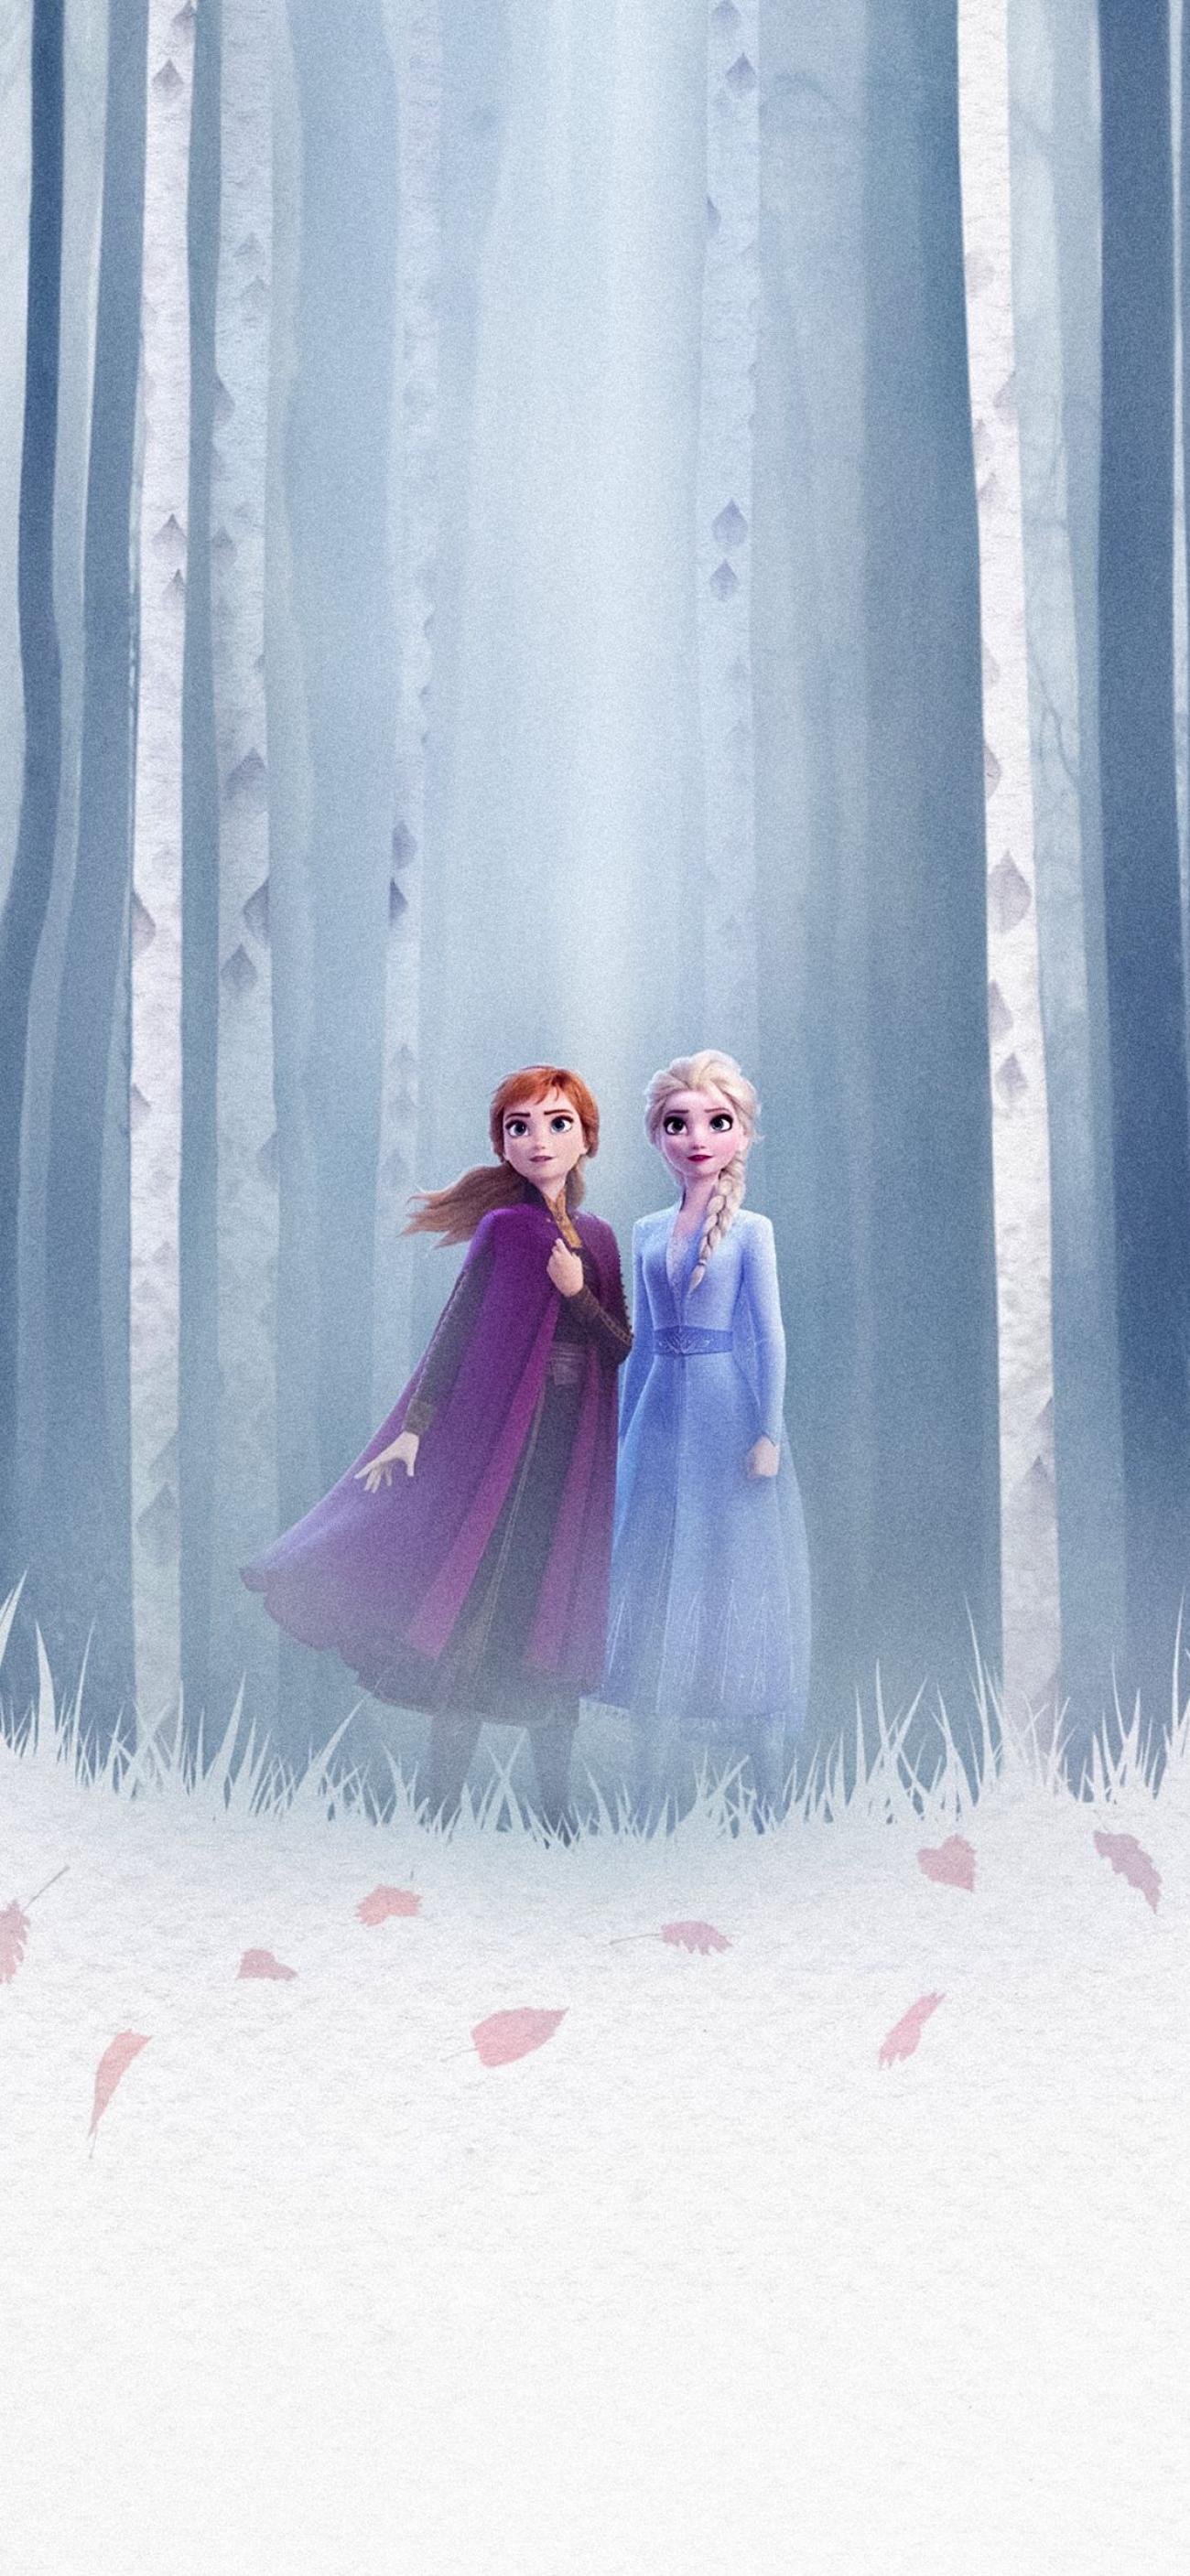 Frozen 2 Elsa iPhone Wallpapers - Wallpaper Cave